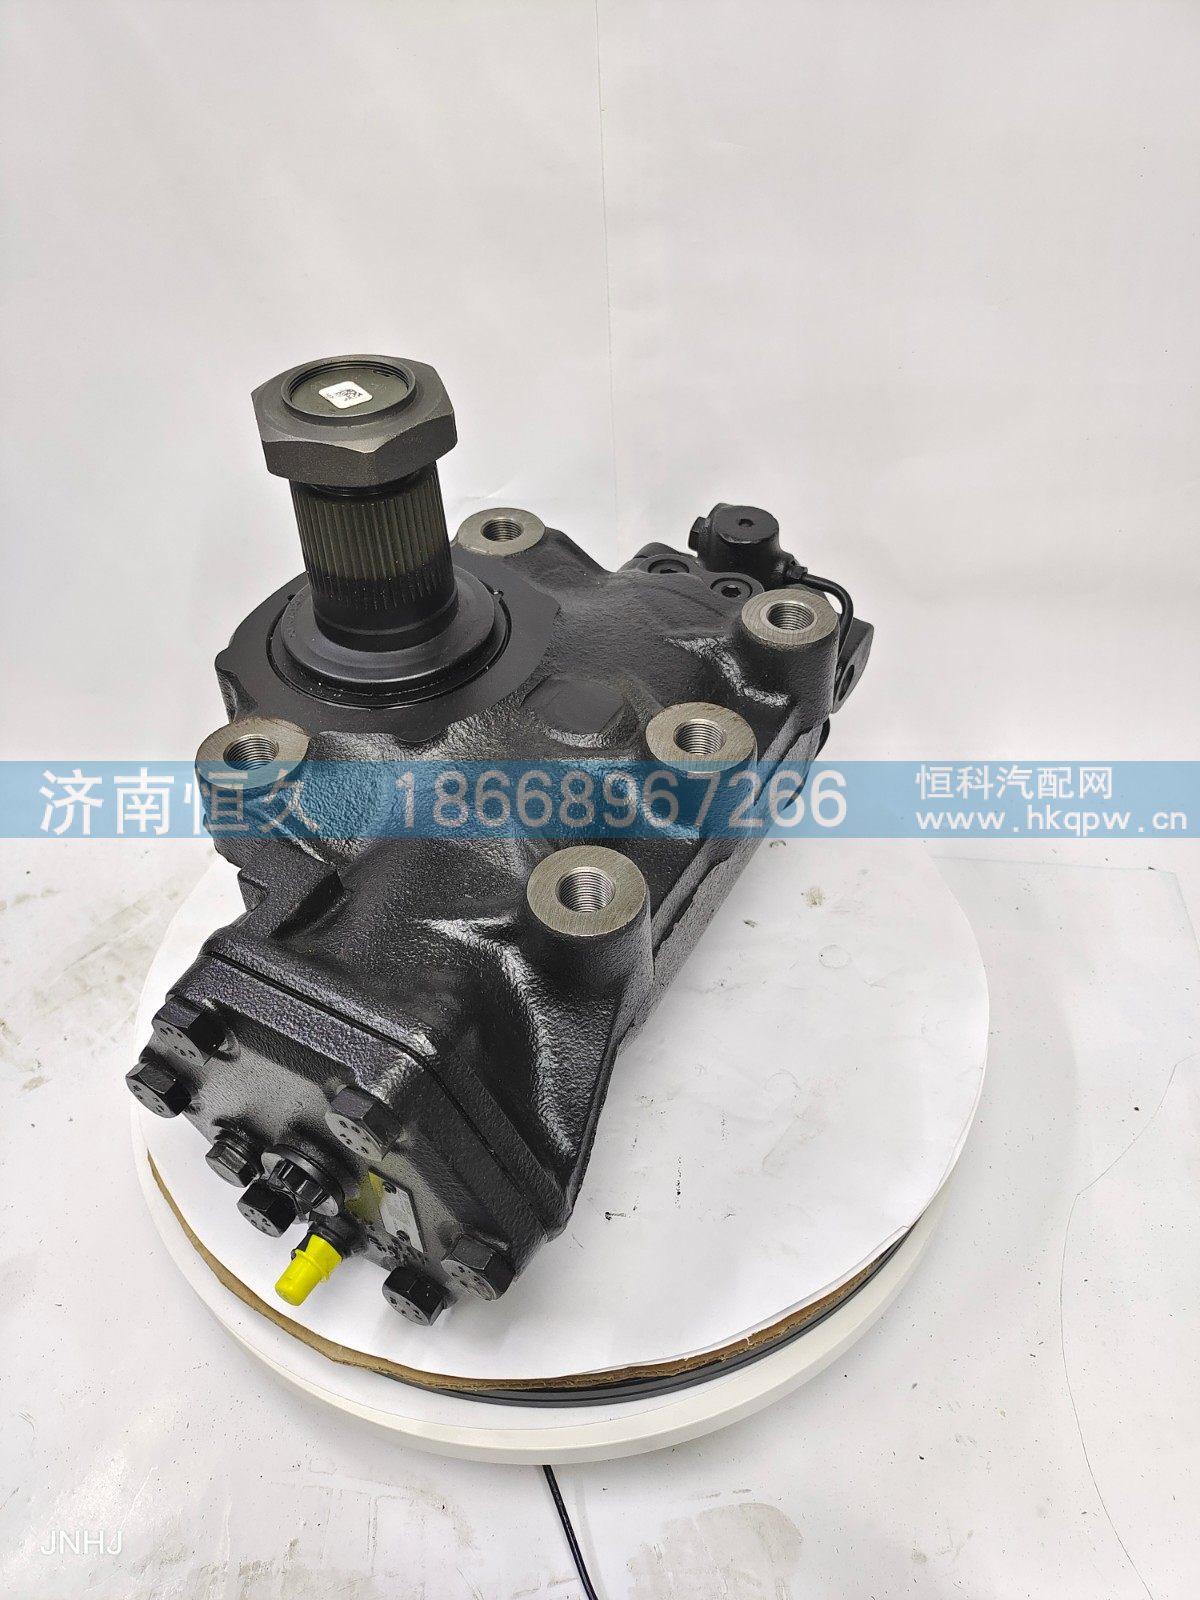 TZ56574700010双回路转向器总成ZF8099/TZ56574700010